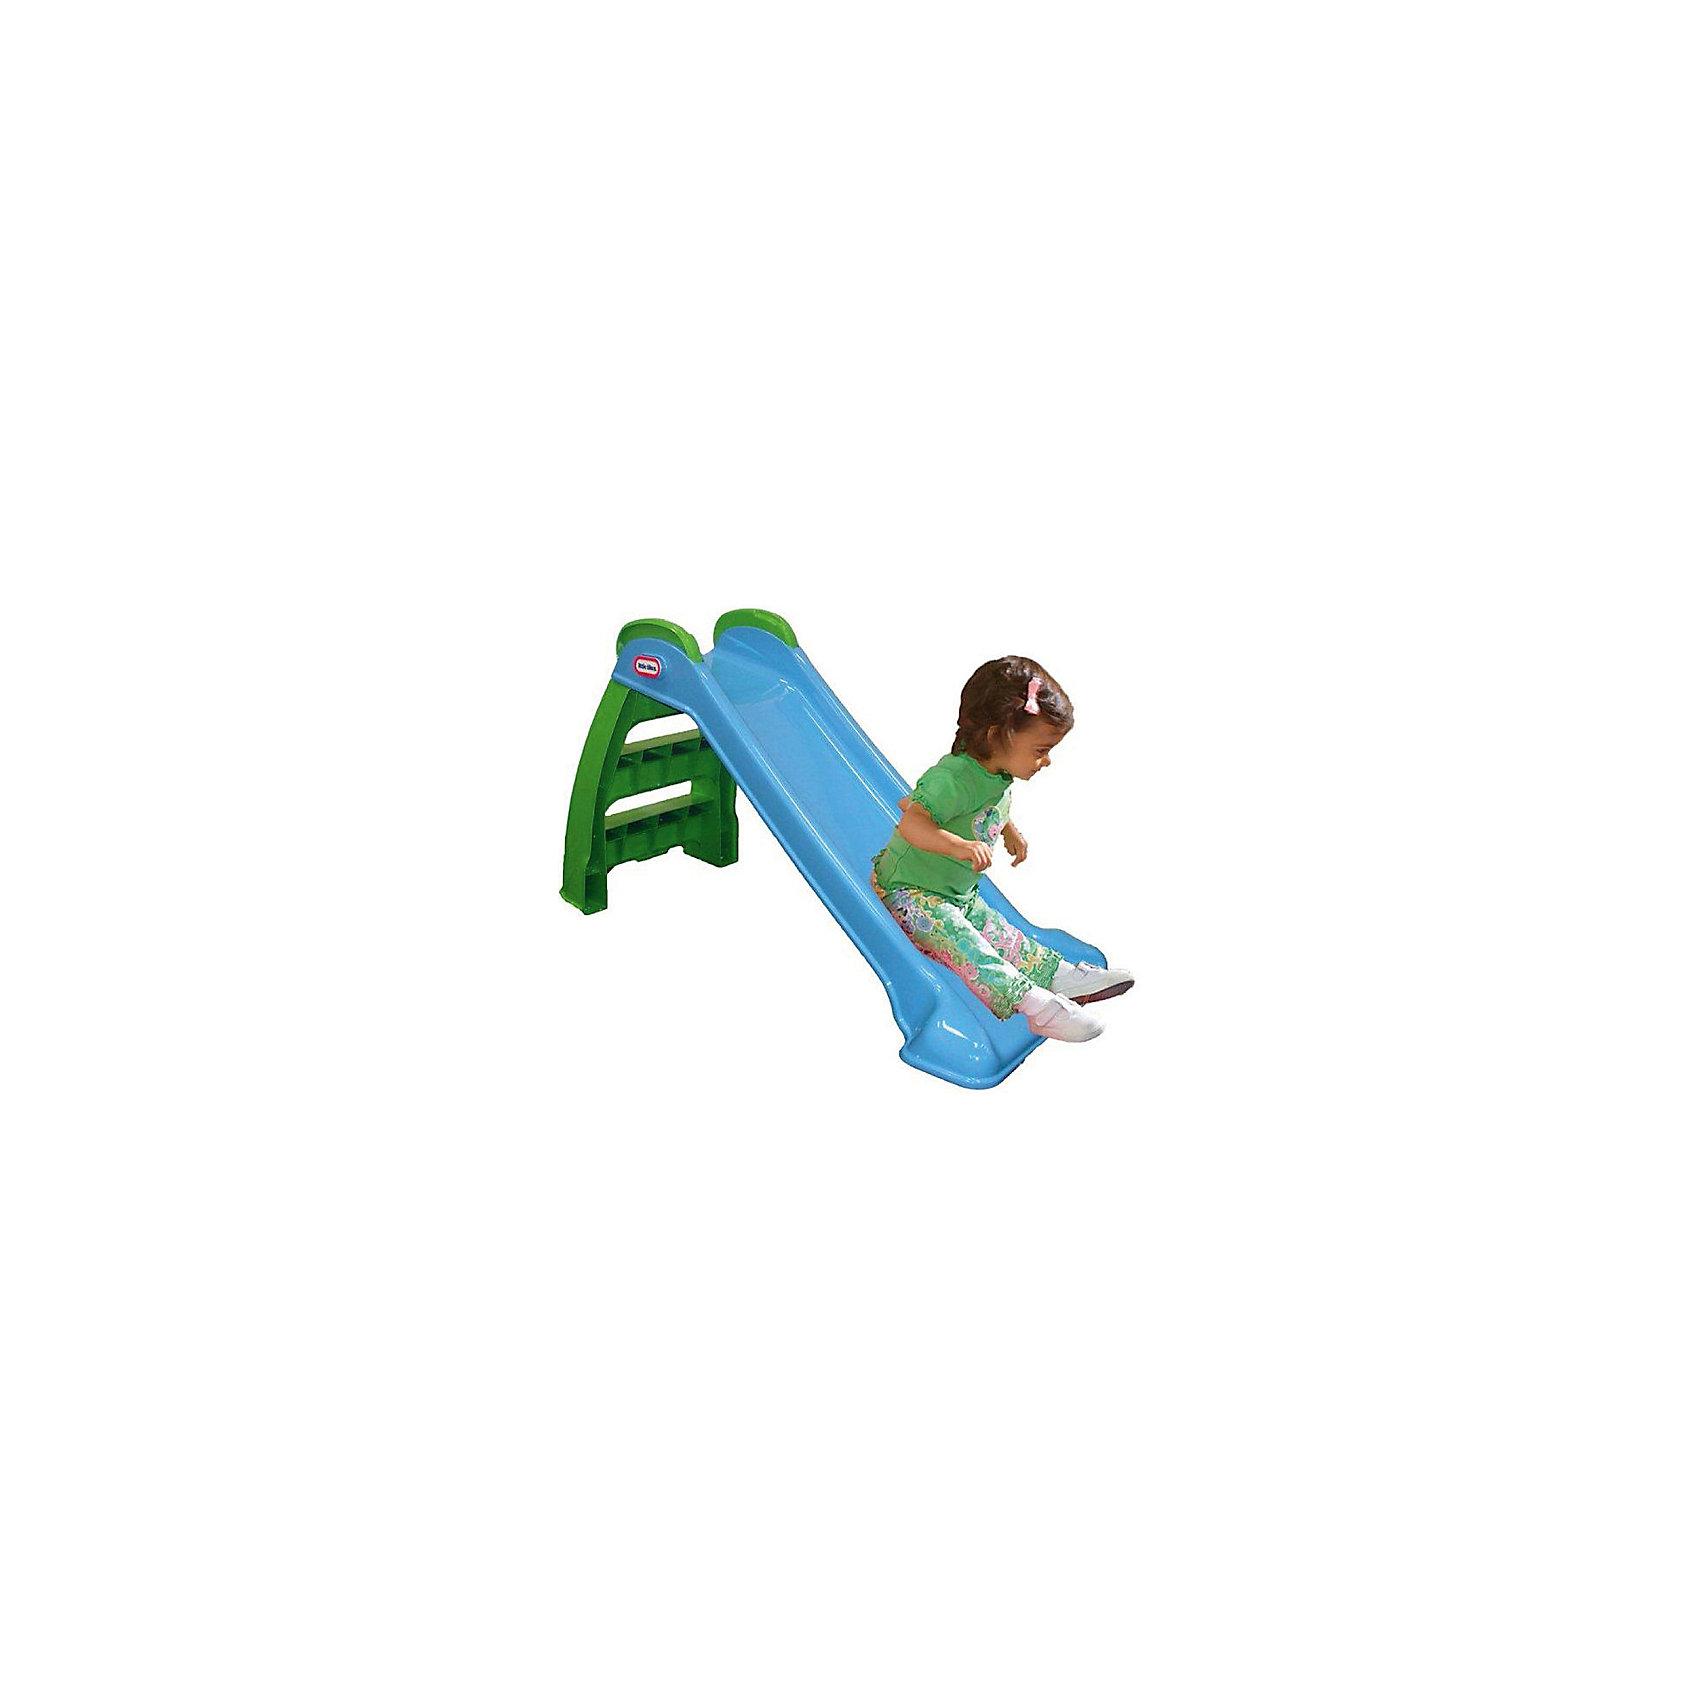 Горка складная, голубая, Little TikesГорки<br>Горка складная Little Tikes - замечательная яркая и устойчивая горка, которая порадует вашего малыша!   Горка подходит для использования на улице и в закрытых помещениях, имеет интересную складную конструкцию, удобные для детишек широкие ступеньки и безопасные ручки для комфортного подъёма по ступенькам.  Дополнительная информация:  - Возраст: от 2 до 6 лет. - Длина спуска: 117 см. - Размеры: 122 х 49 х 70 см. - Цвет: Зеленые ступеньки и поручни, синий спуск. - Легко складывать - удобно перевозить и хранить. - Удобные поручни. - Безопасная и легкая конструкция!  Эта горка станет отличным развлечением для вашего непоседы. Горка тренирует координацию и укрепляет ребенка, улучшает его физическую форму.<br><br>Ширина мм: 500<br>Глубина мм: 230<br>Высота мм: 1160<br>Вес г: 5100<br>Возраст от месяцев: 24<br>Возраст до месяцев: 60<br>Пол: Унисекс<br>Возраст: Детский<br>SKU: 4654350